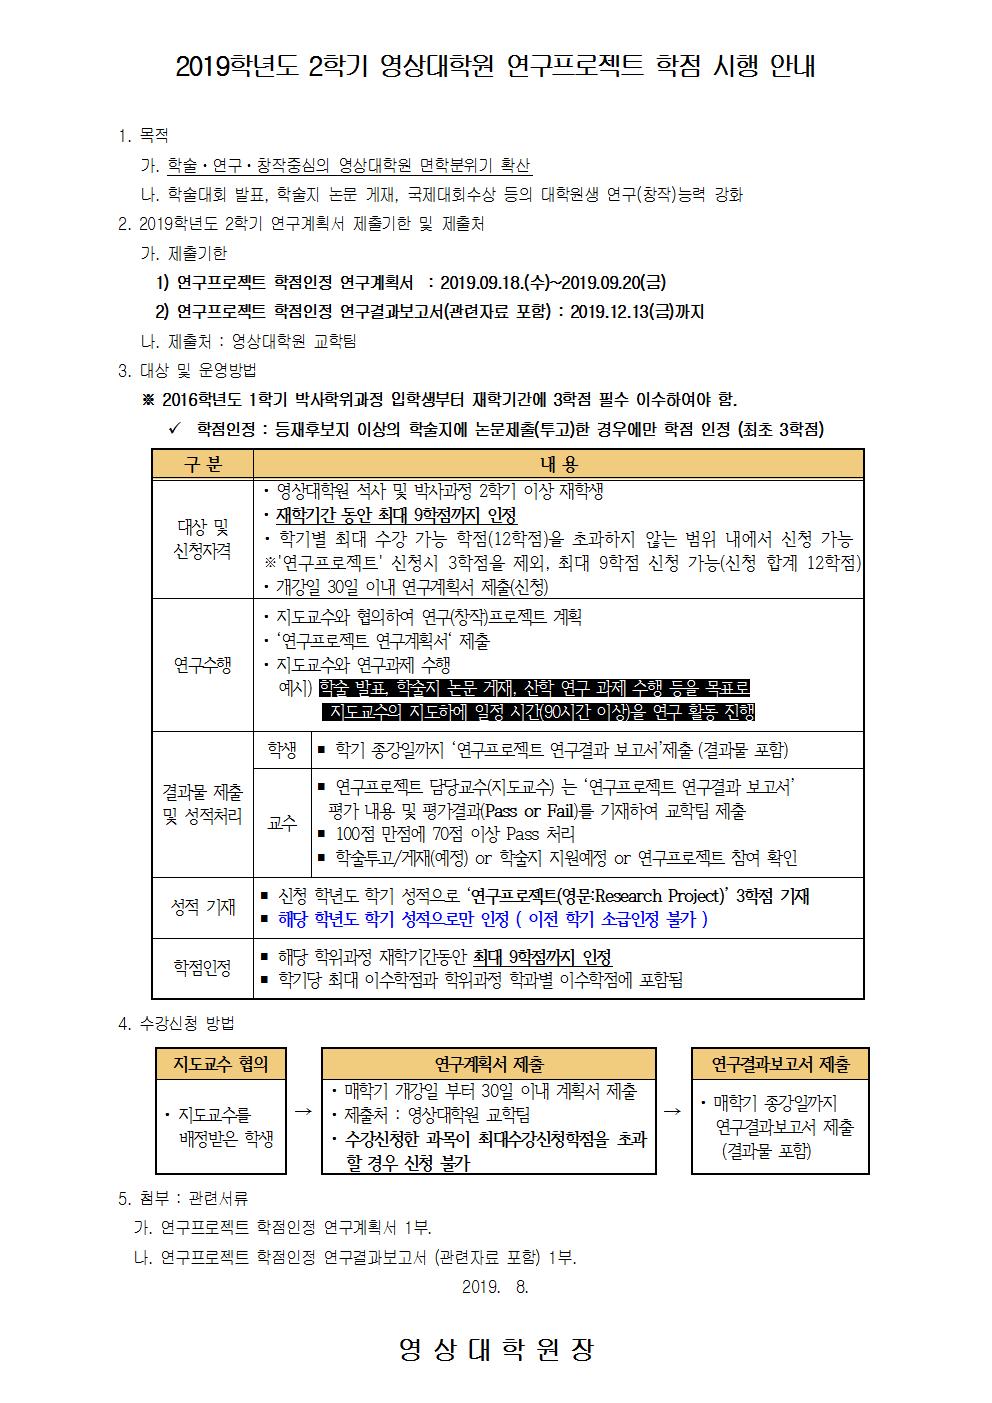 [안내문]연구프로젝트_시행001